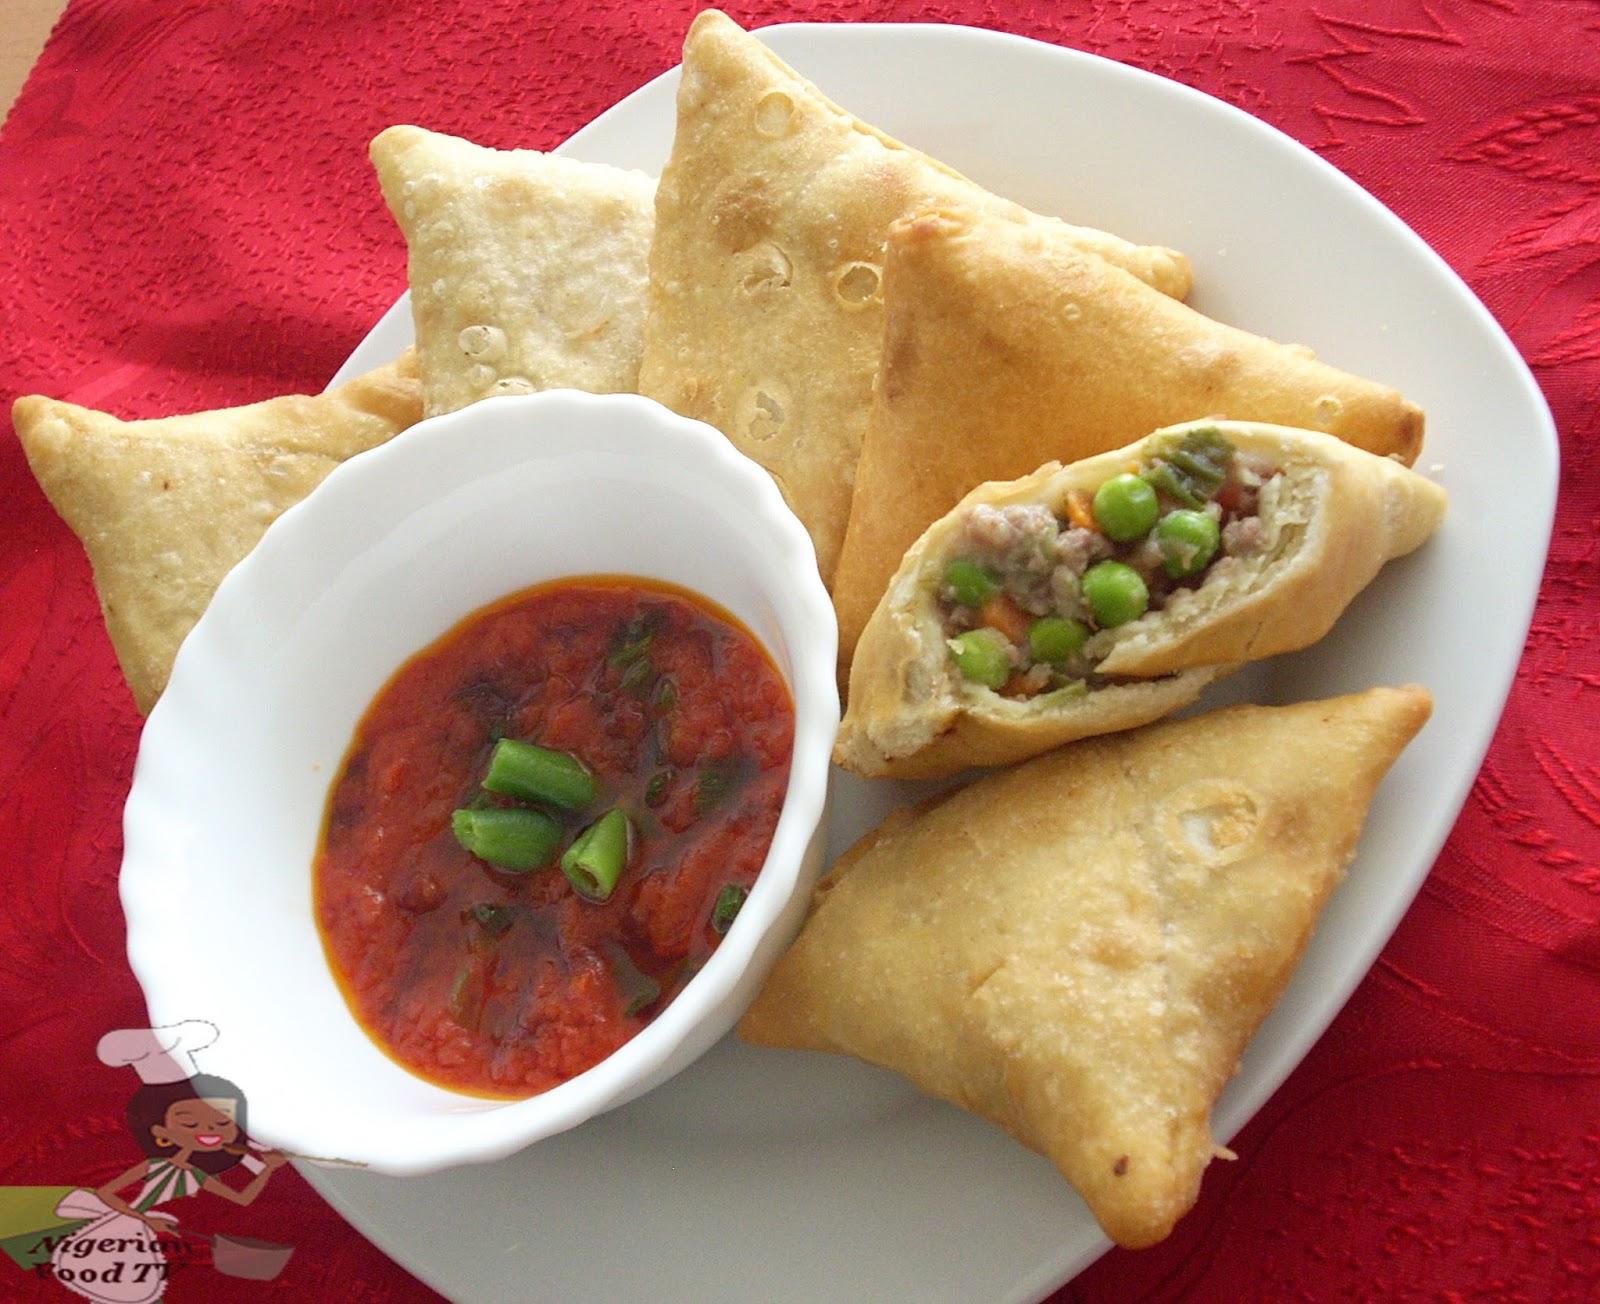 Nigerian Samosa How To Make Nigerian Samosa Baked And Fried Recipe Provided